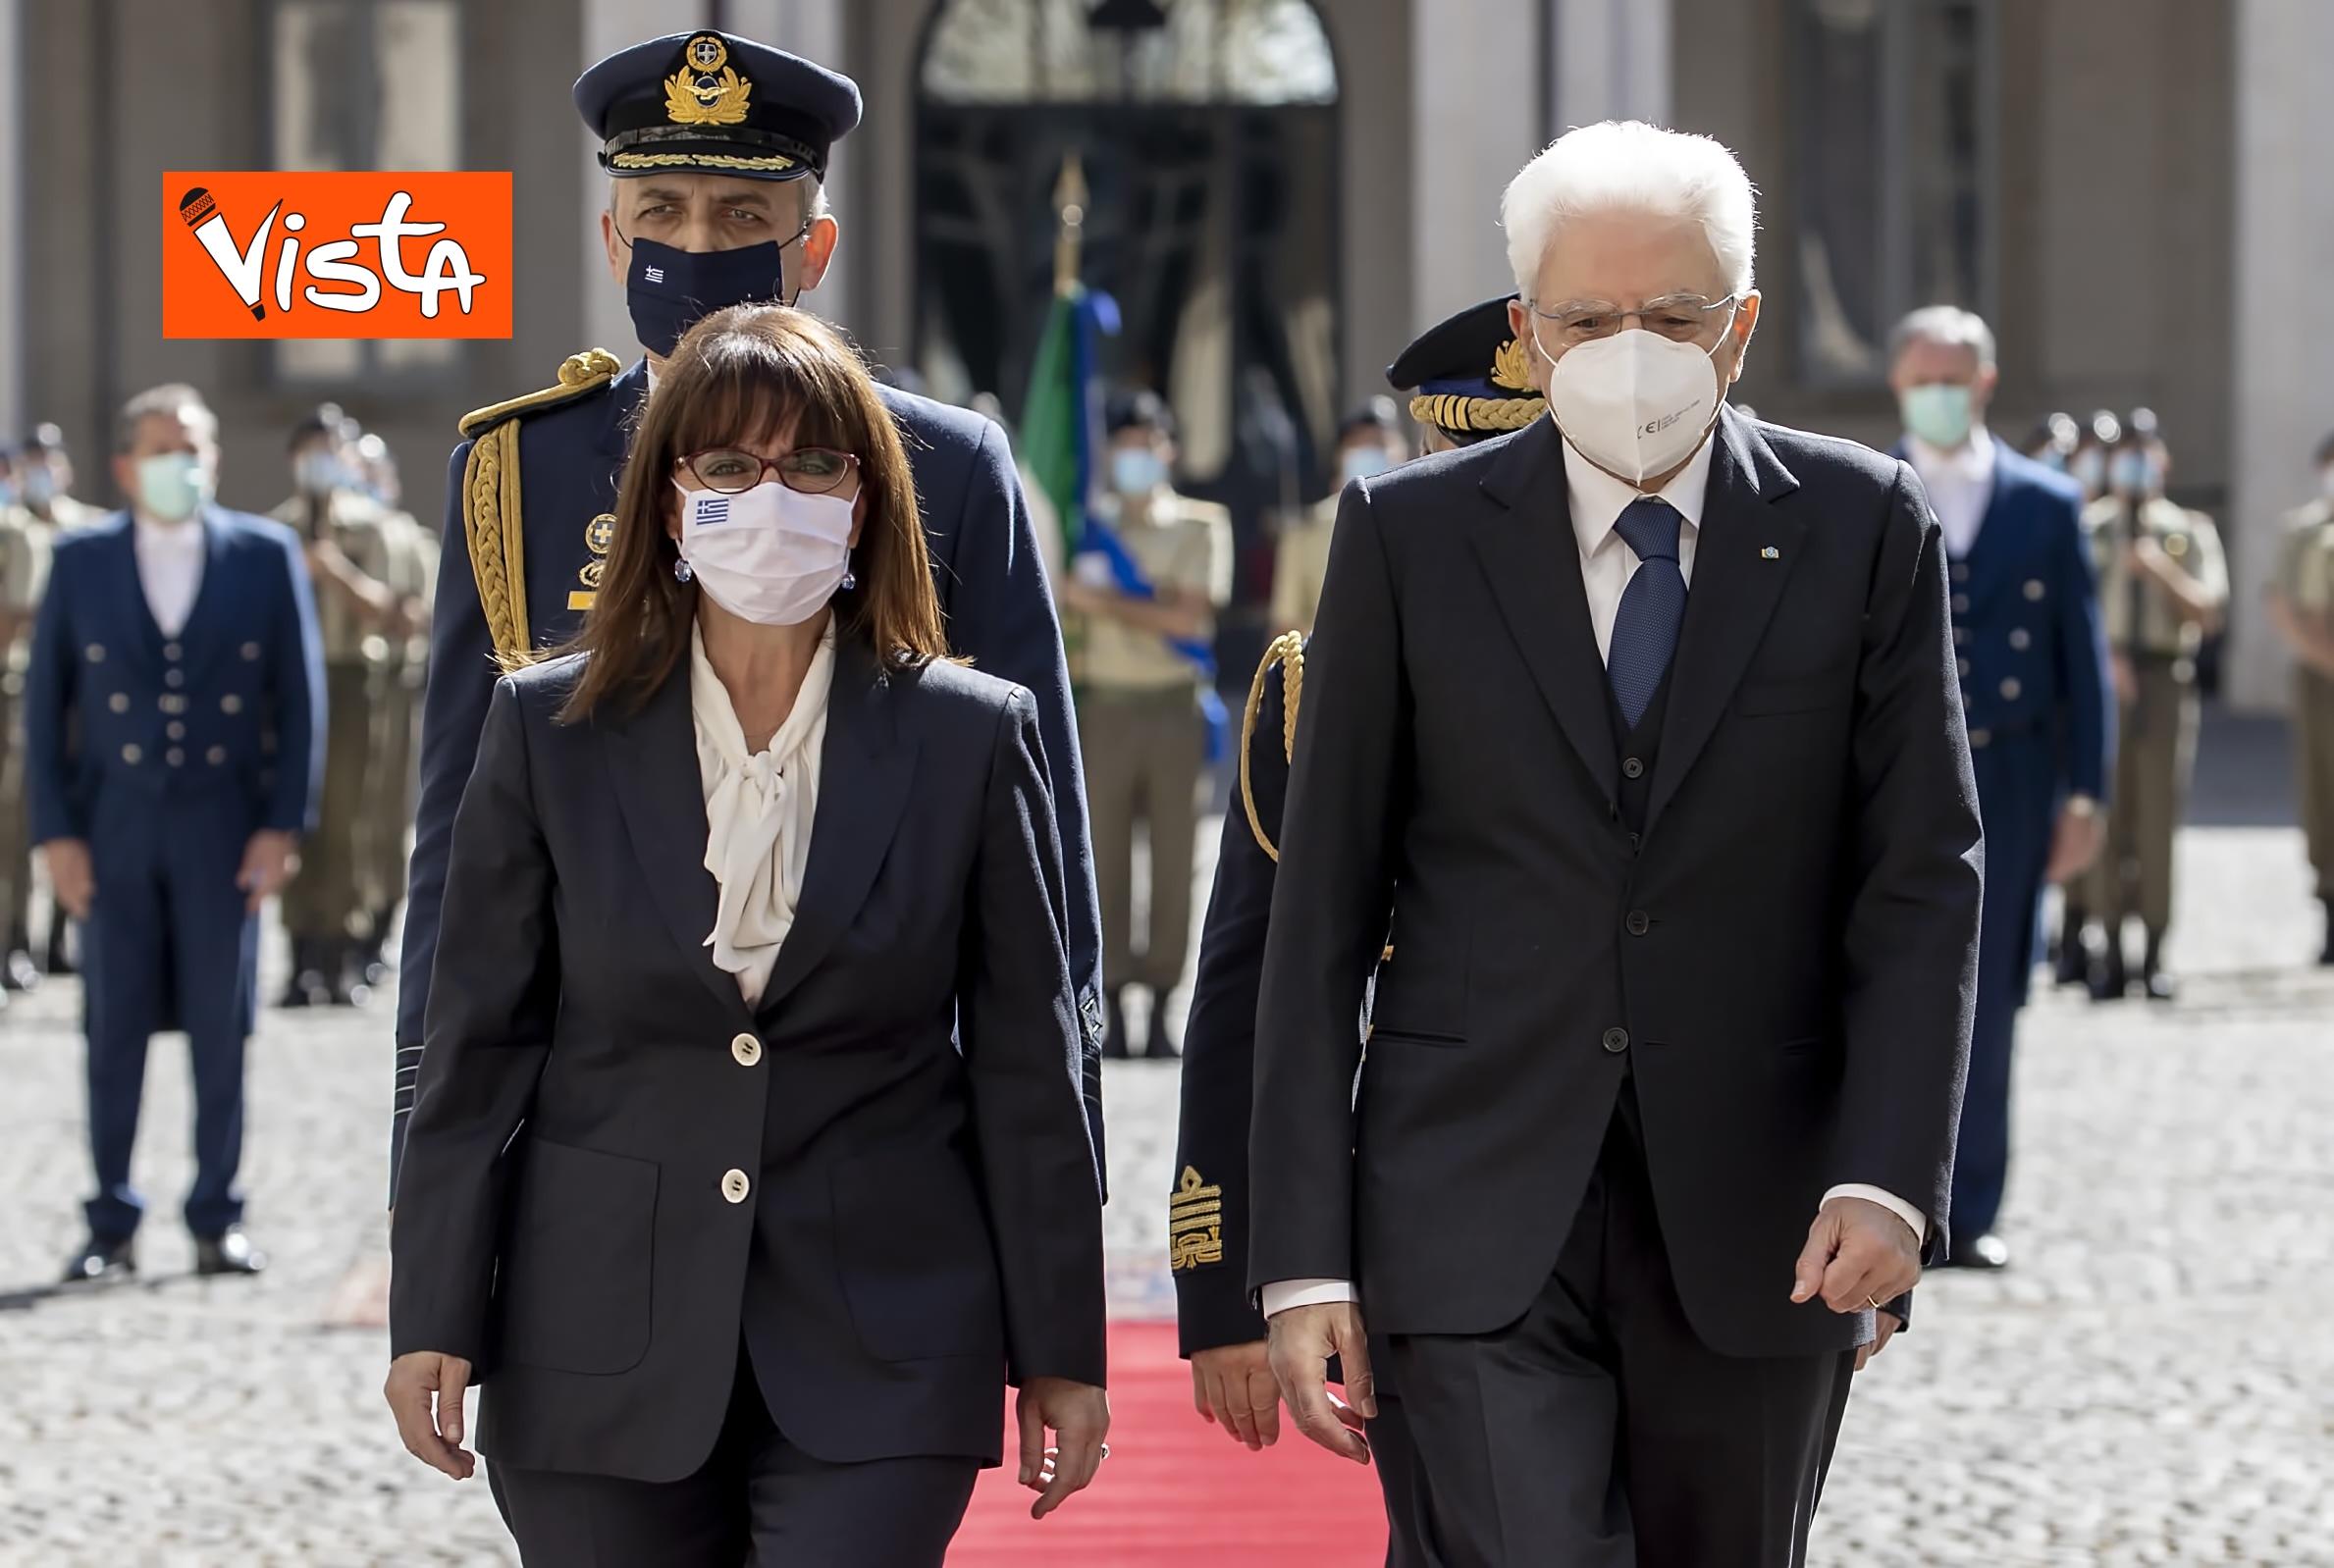 09-10-20 Mattarella riceve la Presidente della Repubblica Ellenica Sakellaropoulou, le immagini_05